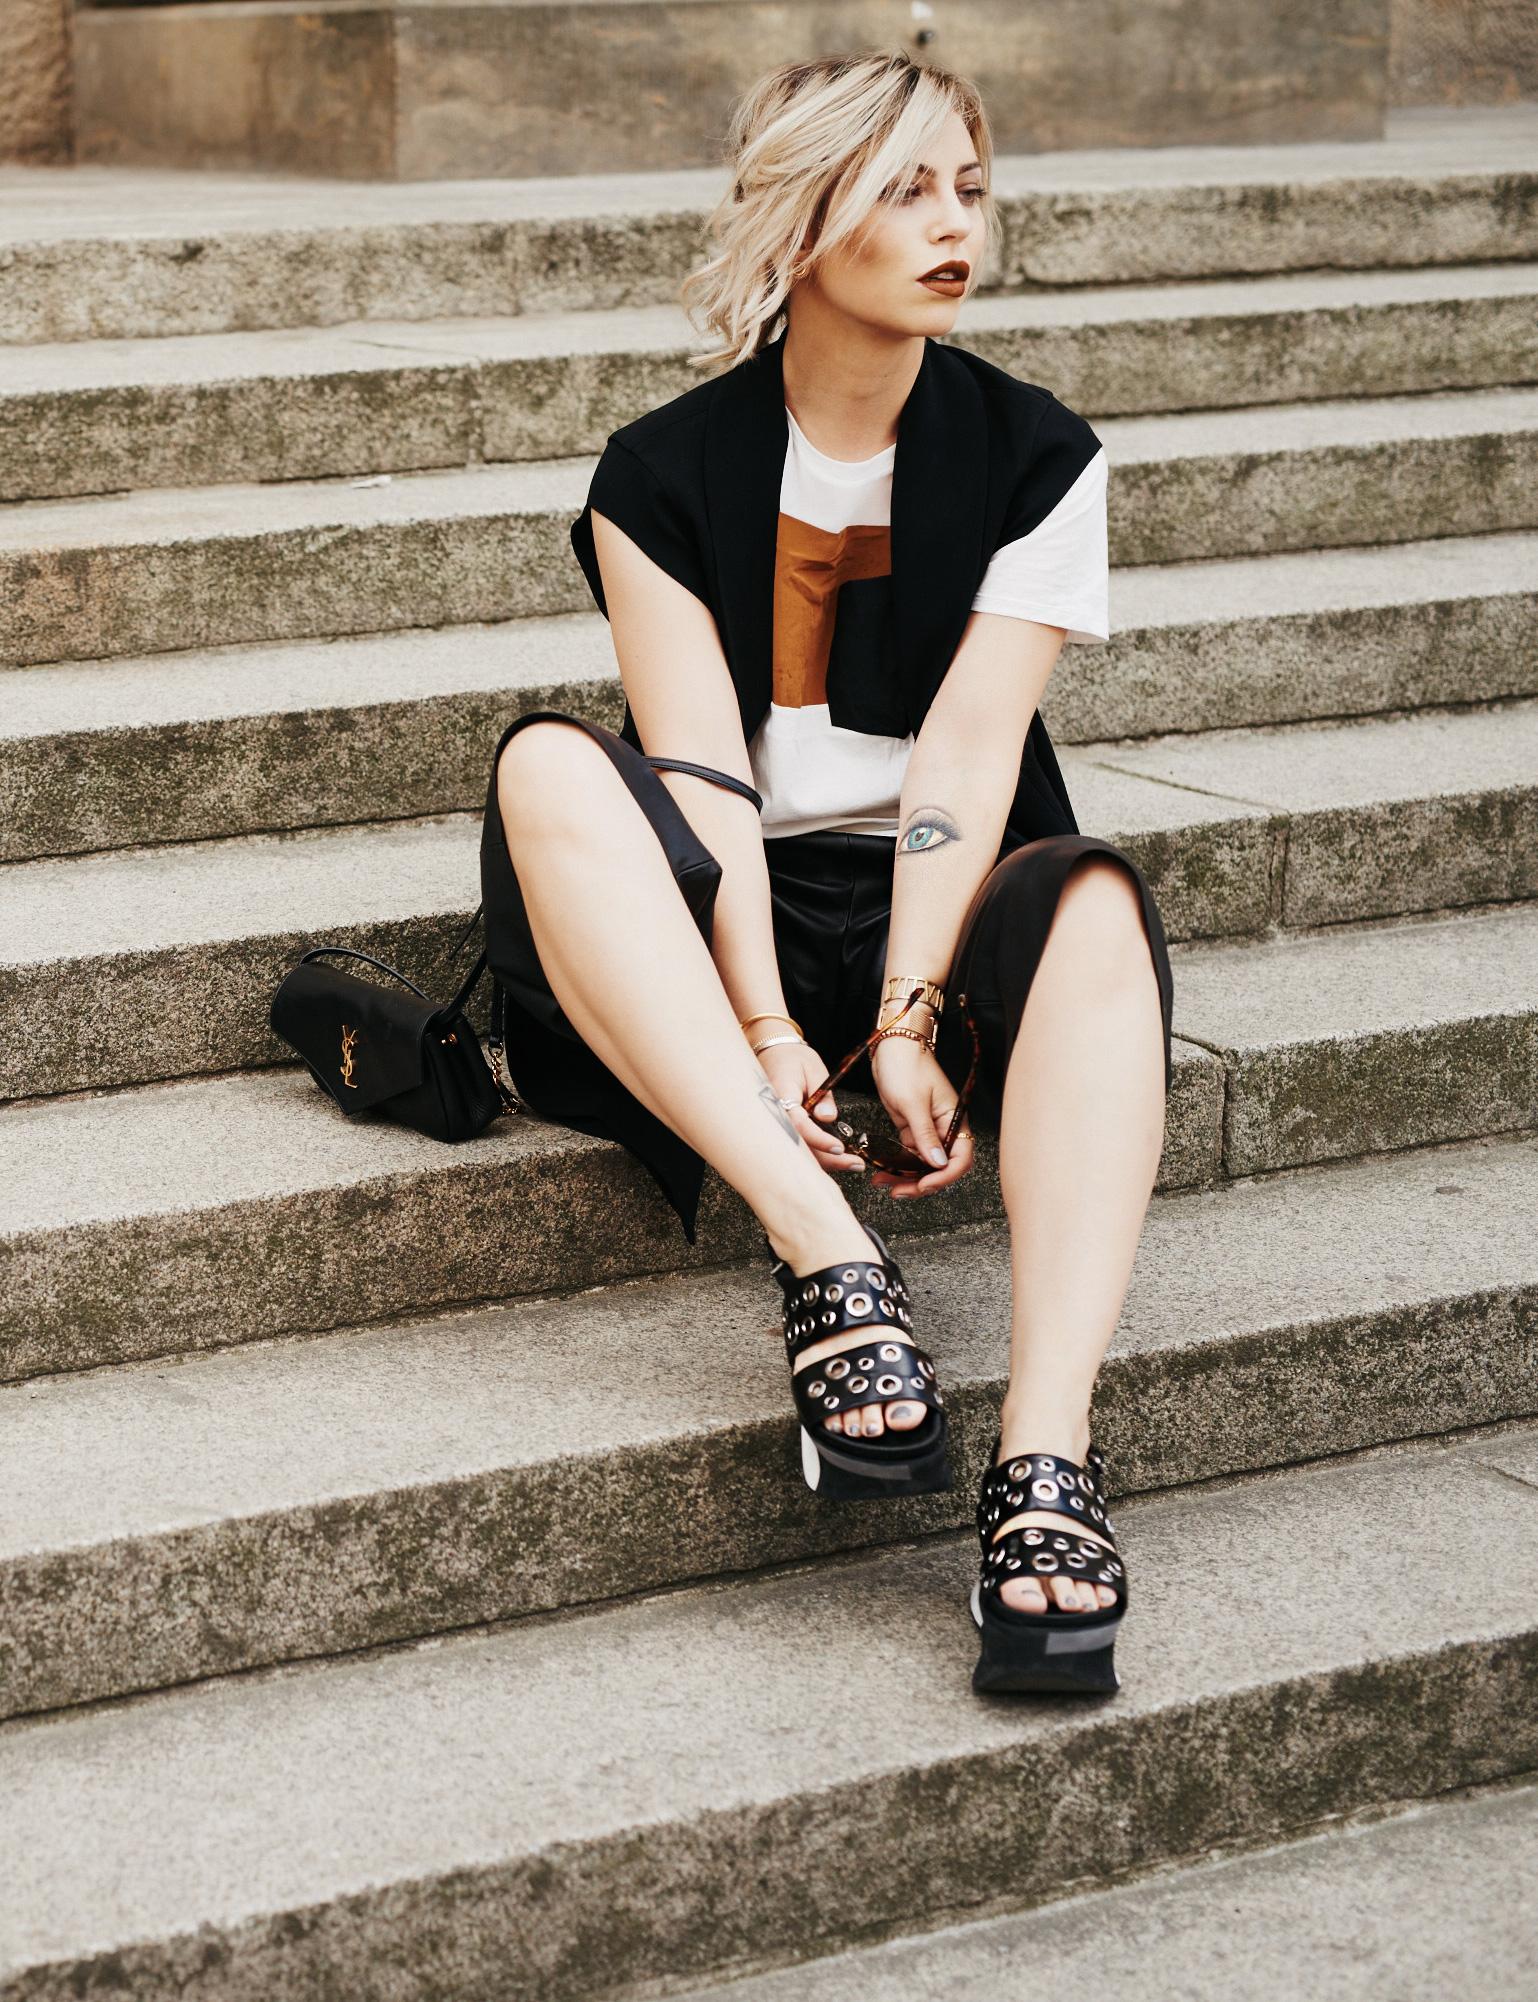 дневник повседневного стиля | цвета: цвет коньяка, черный, белый | кожаная юбка-брюки: Alexander Wang | рубашка: Sandro | сандалии на платформе: Laurel